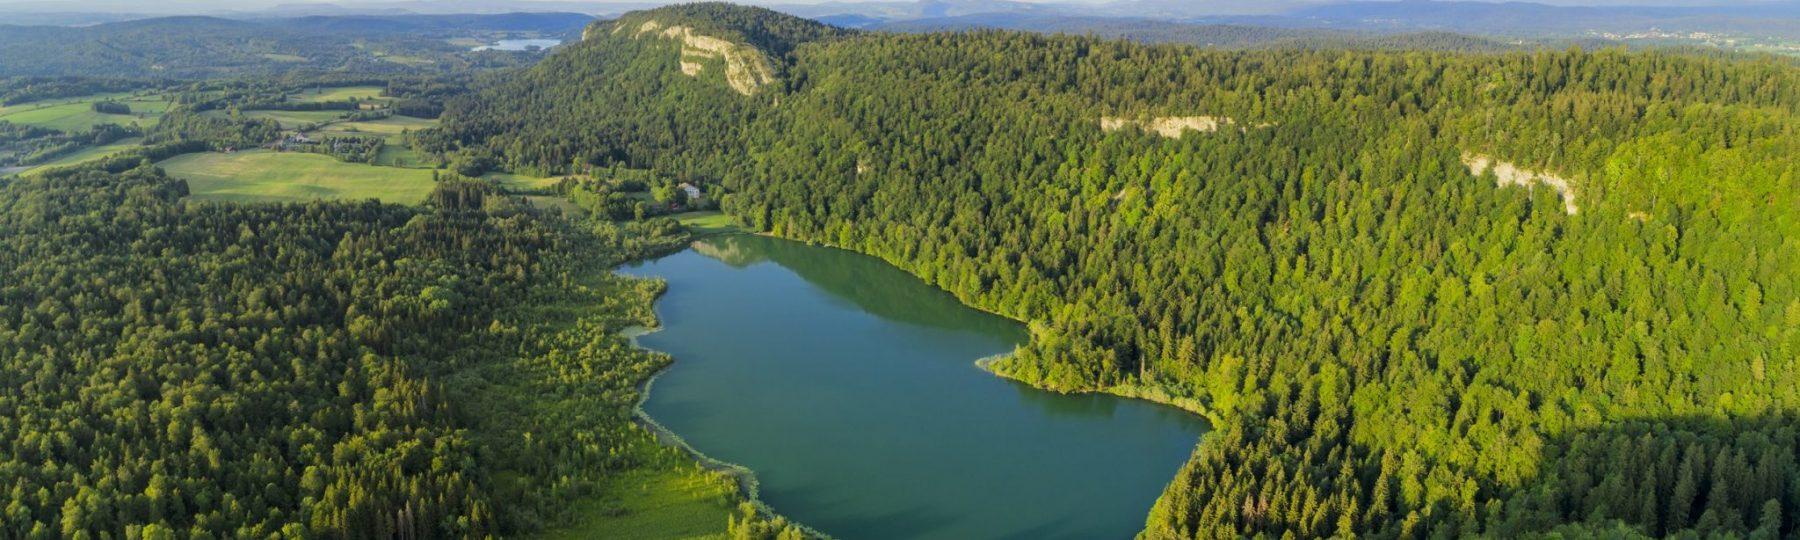 Lac de Bonlieu © Stéphane Godin / Jura Tourisme